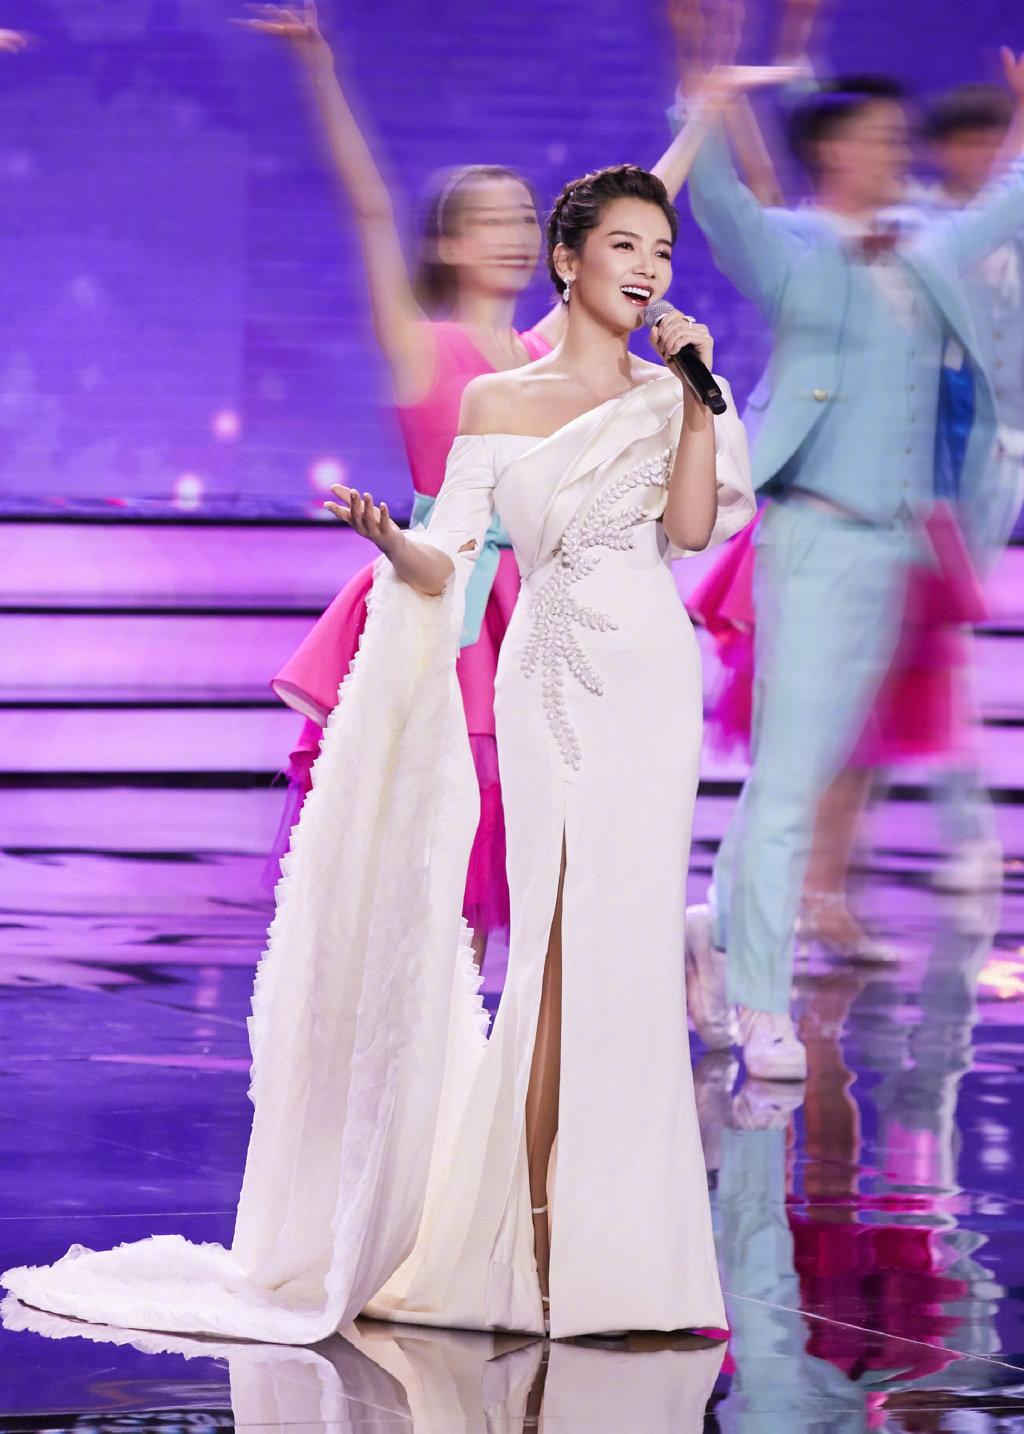 刘涛一身独特剪裁的白色高定礼服,搭配别致编发和红唇美妆